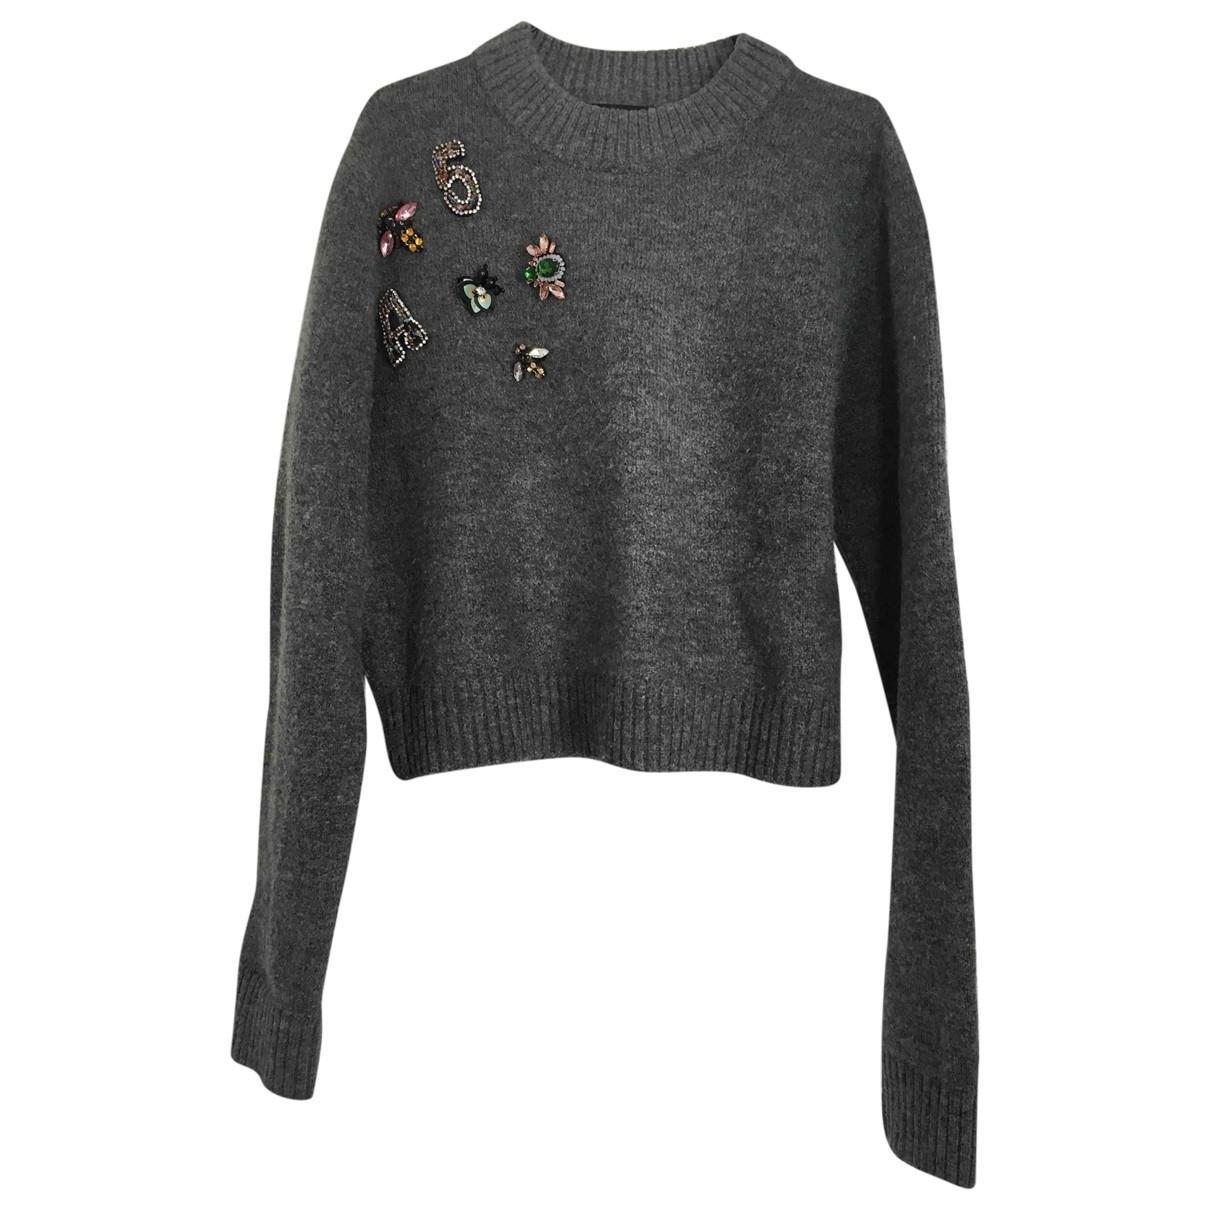 Zara \N Grey Knitwear for Women S International